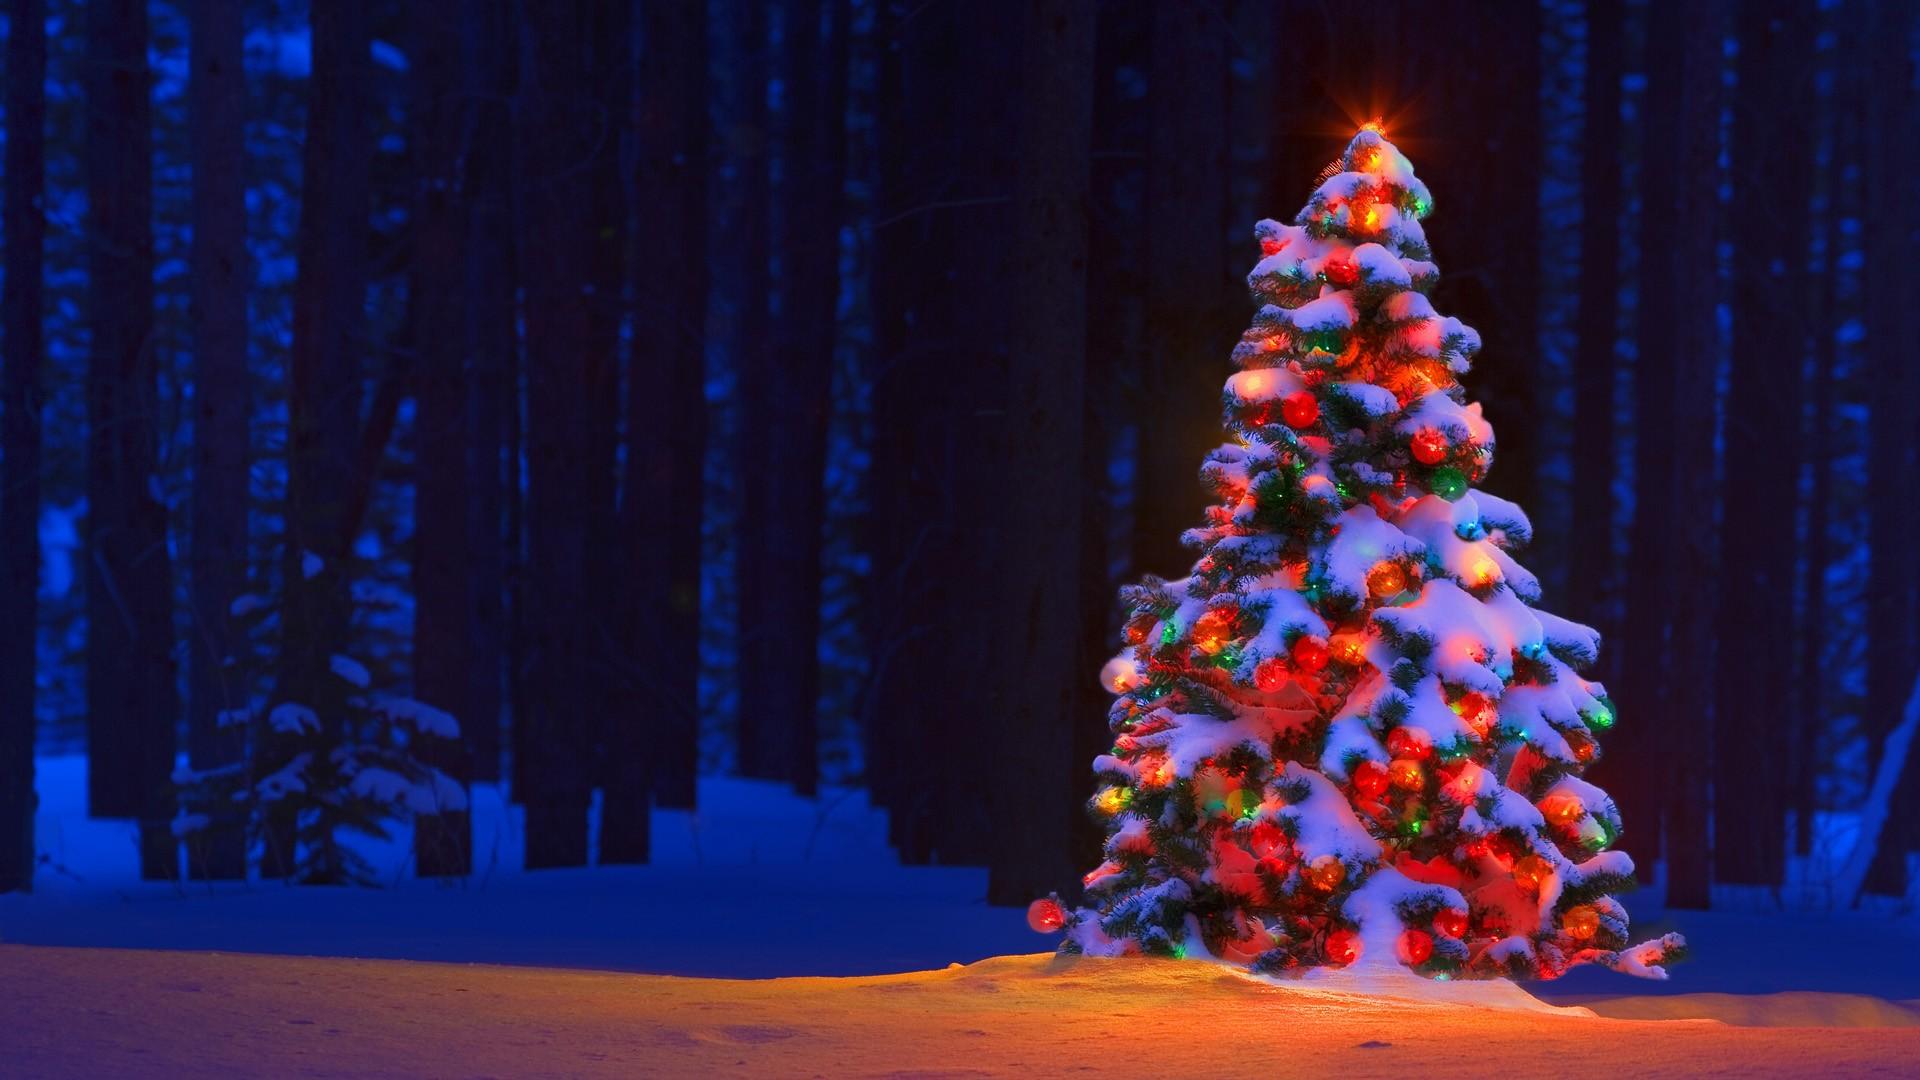 big afdf0b76000d1975aaad76b8b9ad53bac5ab07cd مجموعه تصاویر کریسمس در سال 2013 (20 تصویر)